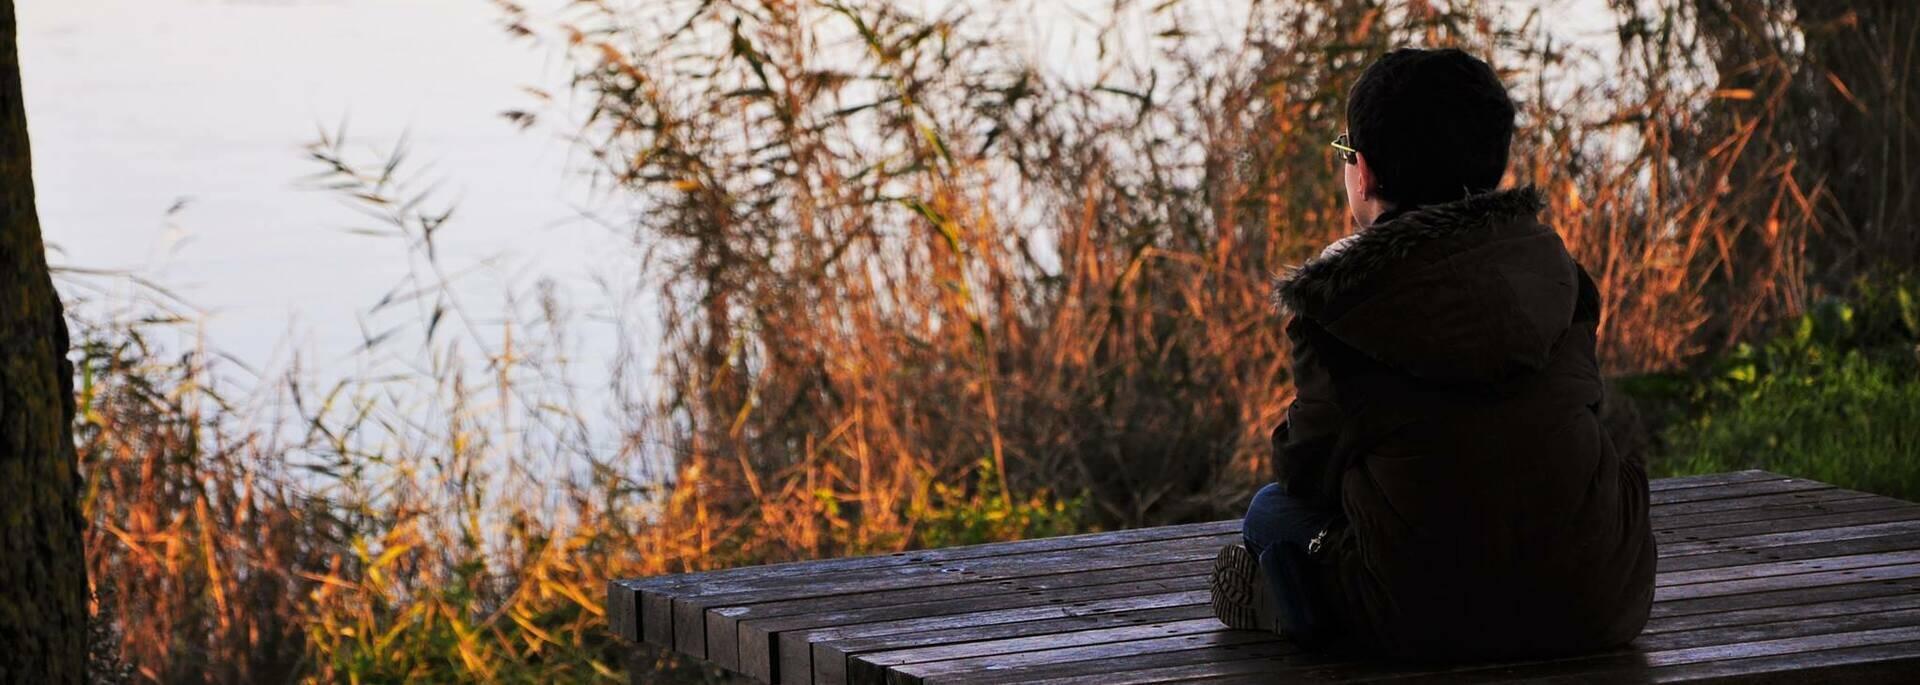 Pause poétique en bords de Charente à Rochefort - © Christelle Derand